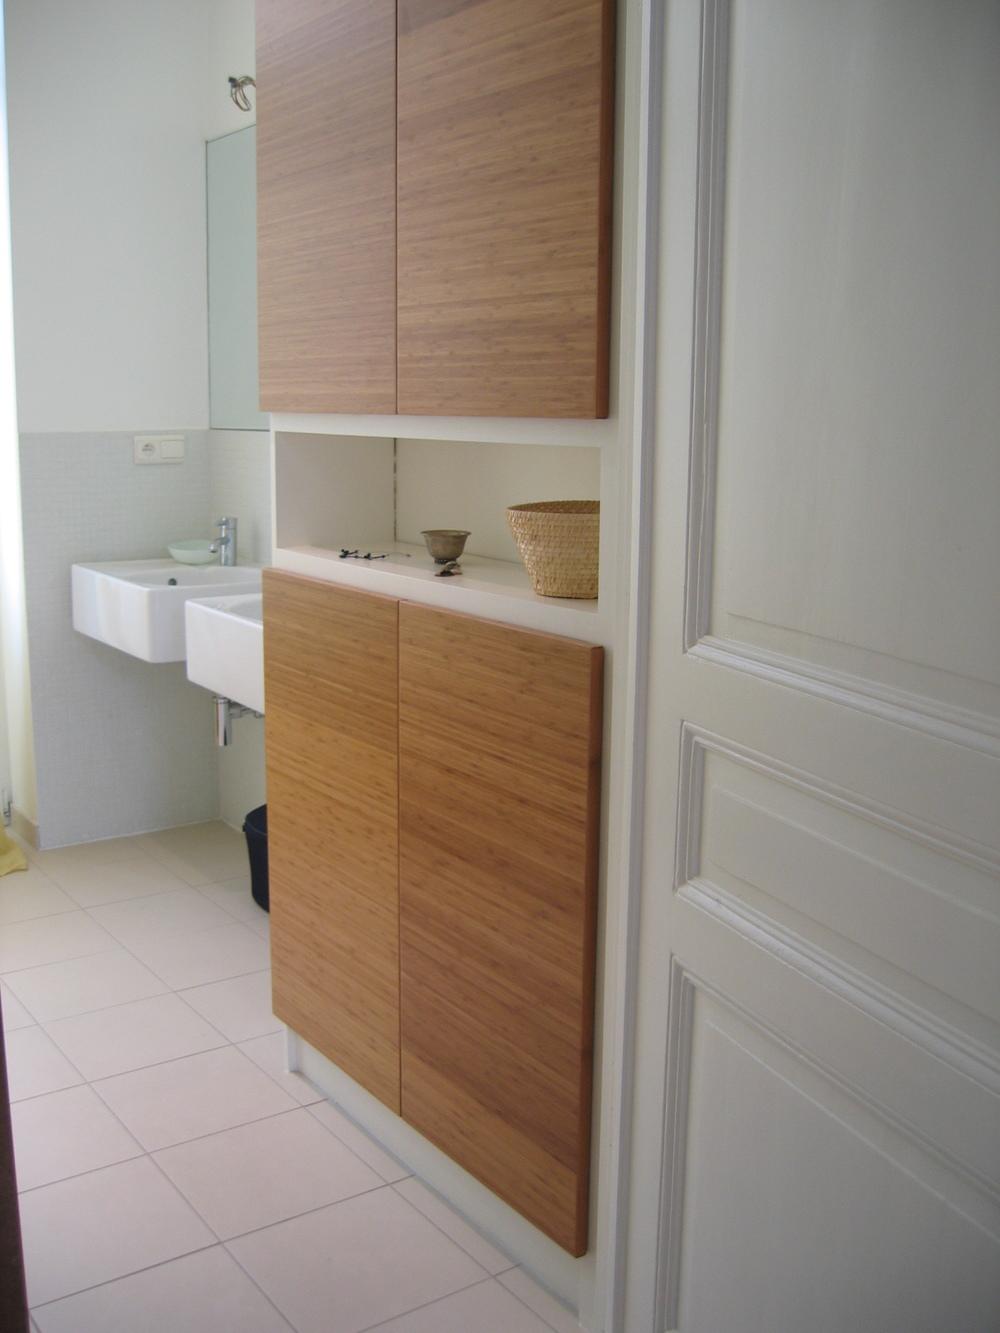 badkamer brussel bamboe 007.jpg